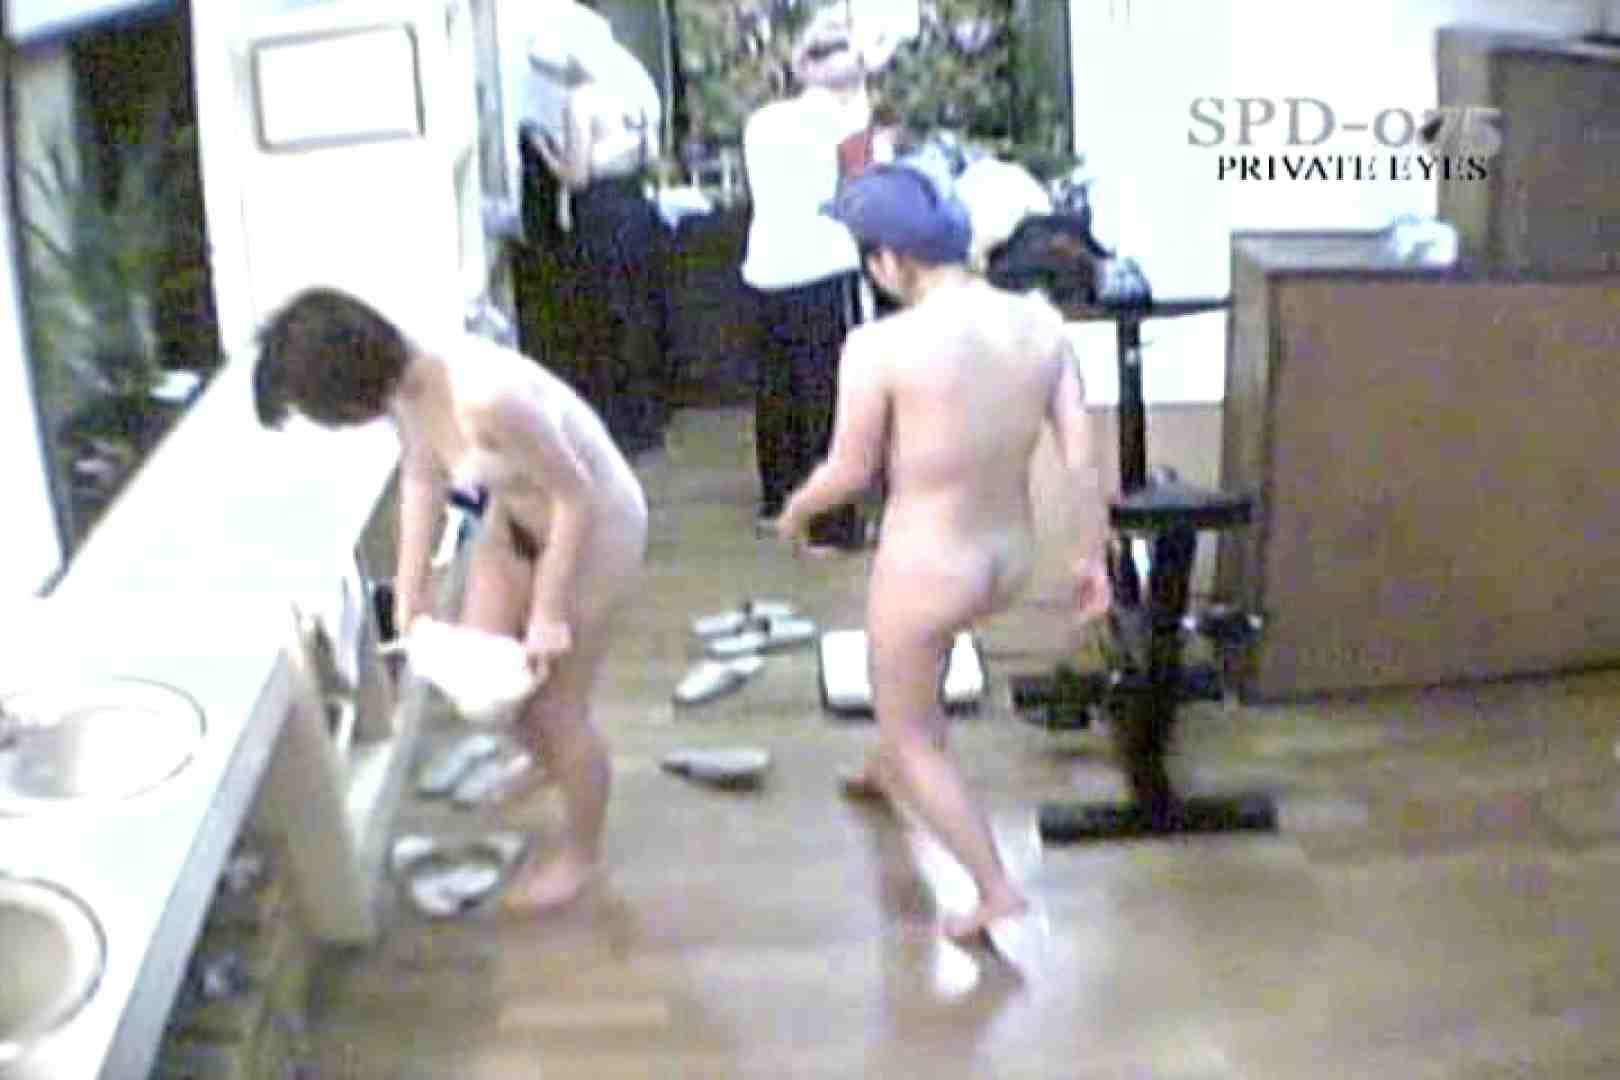 高画質版!SPD-075 脱衣所から洗面所まで 9カメ追跡盗撮 追跡 のぞき濡れ場動画紹介 48連発 41